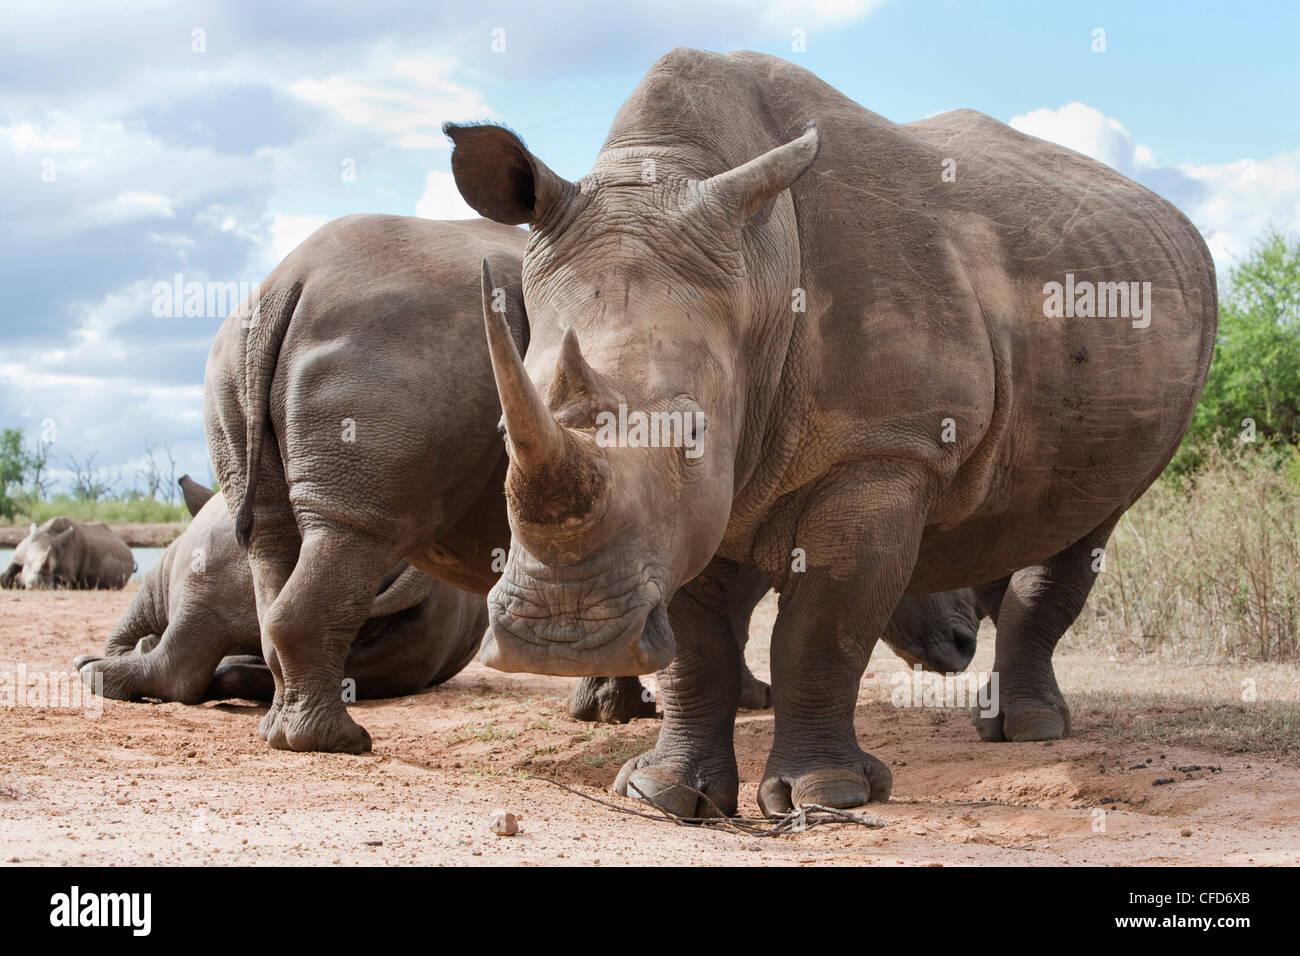 White rhino (Ceratotherium simum), Royal Hlane National Park, Swaziland, Africa - Stock Image